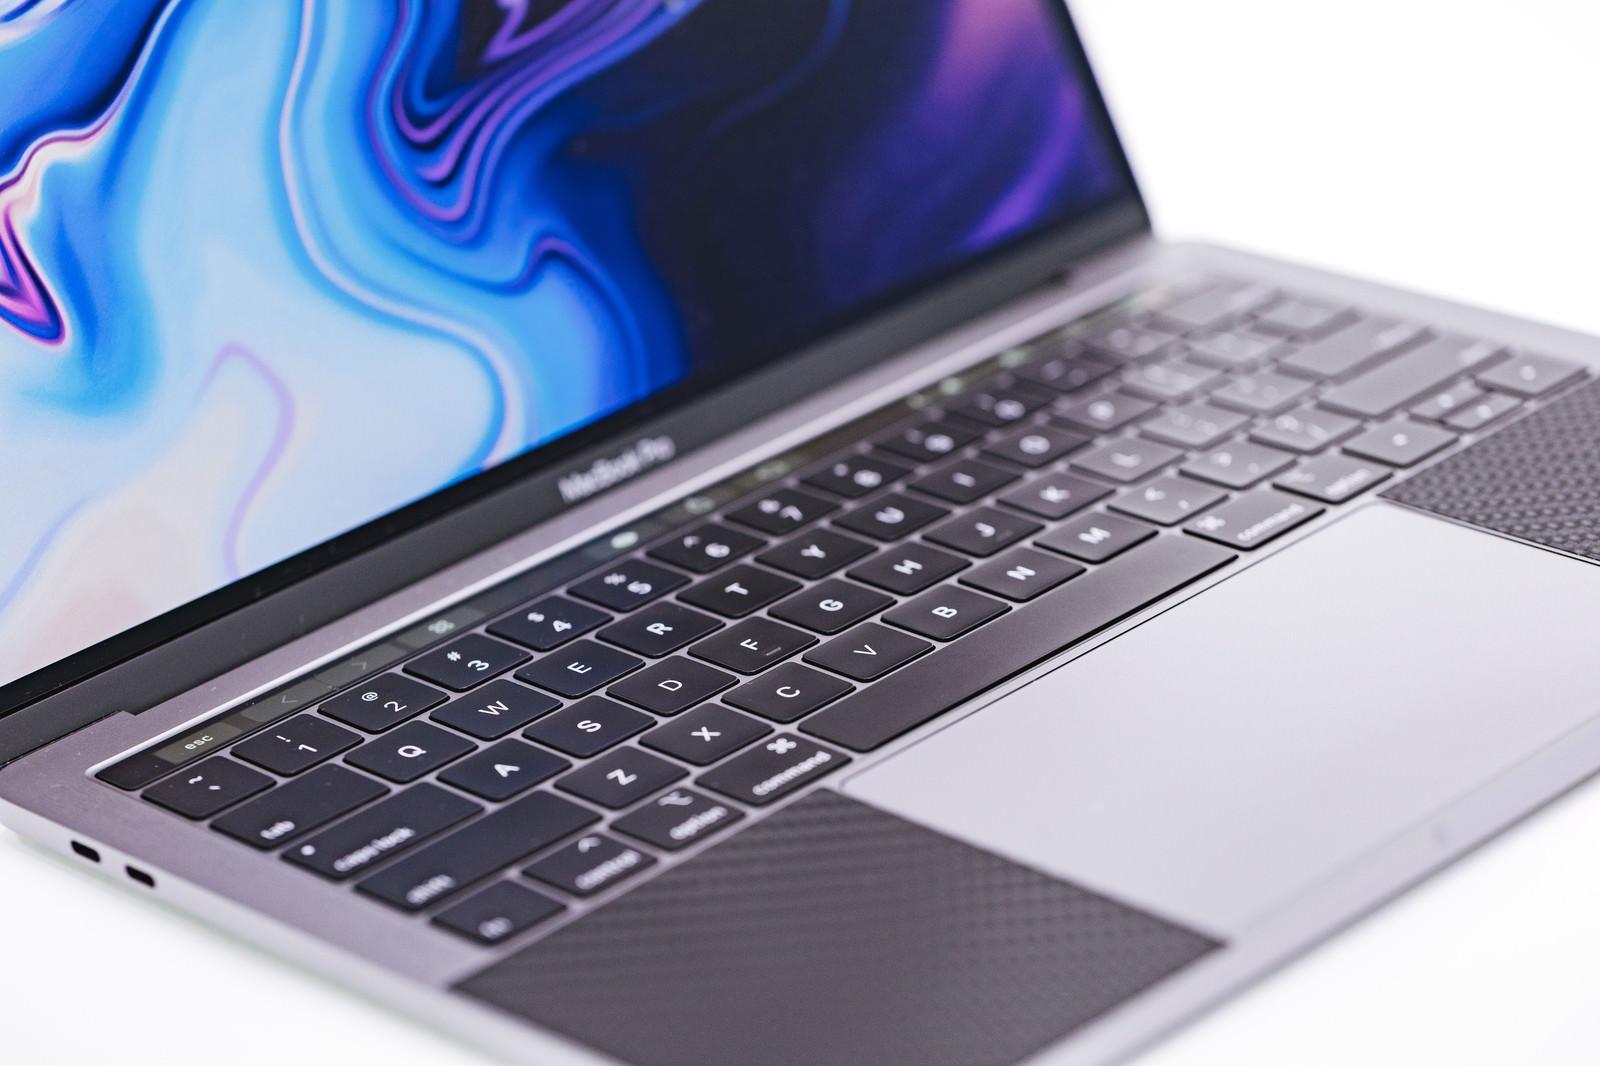 「MacBook Pro 2018 キーボードMacBook Pro 2018 キーボード」のフリー写真素材を拡大